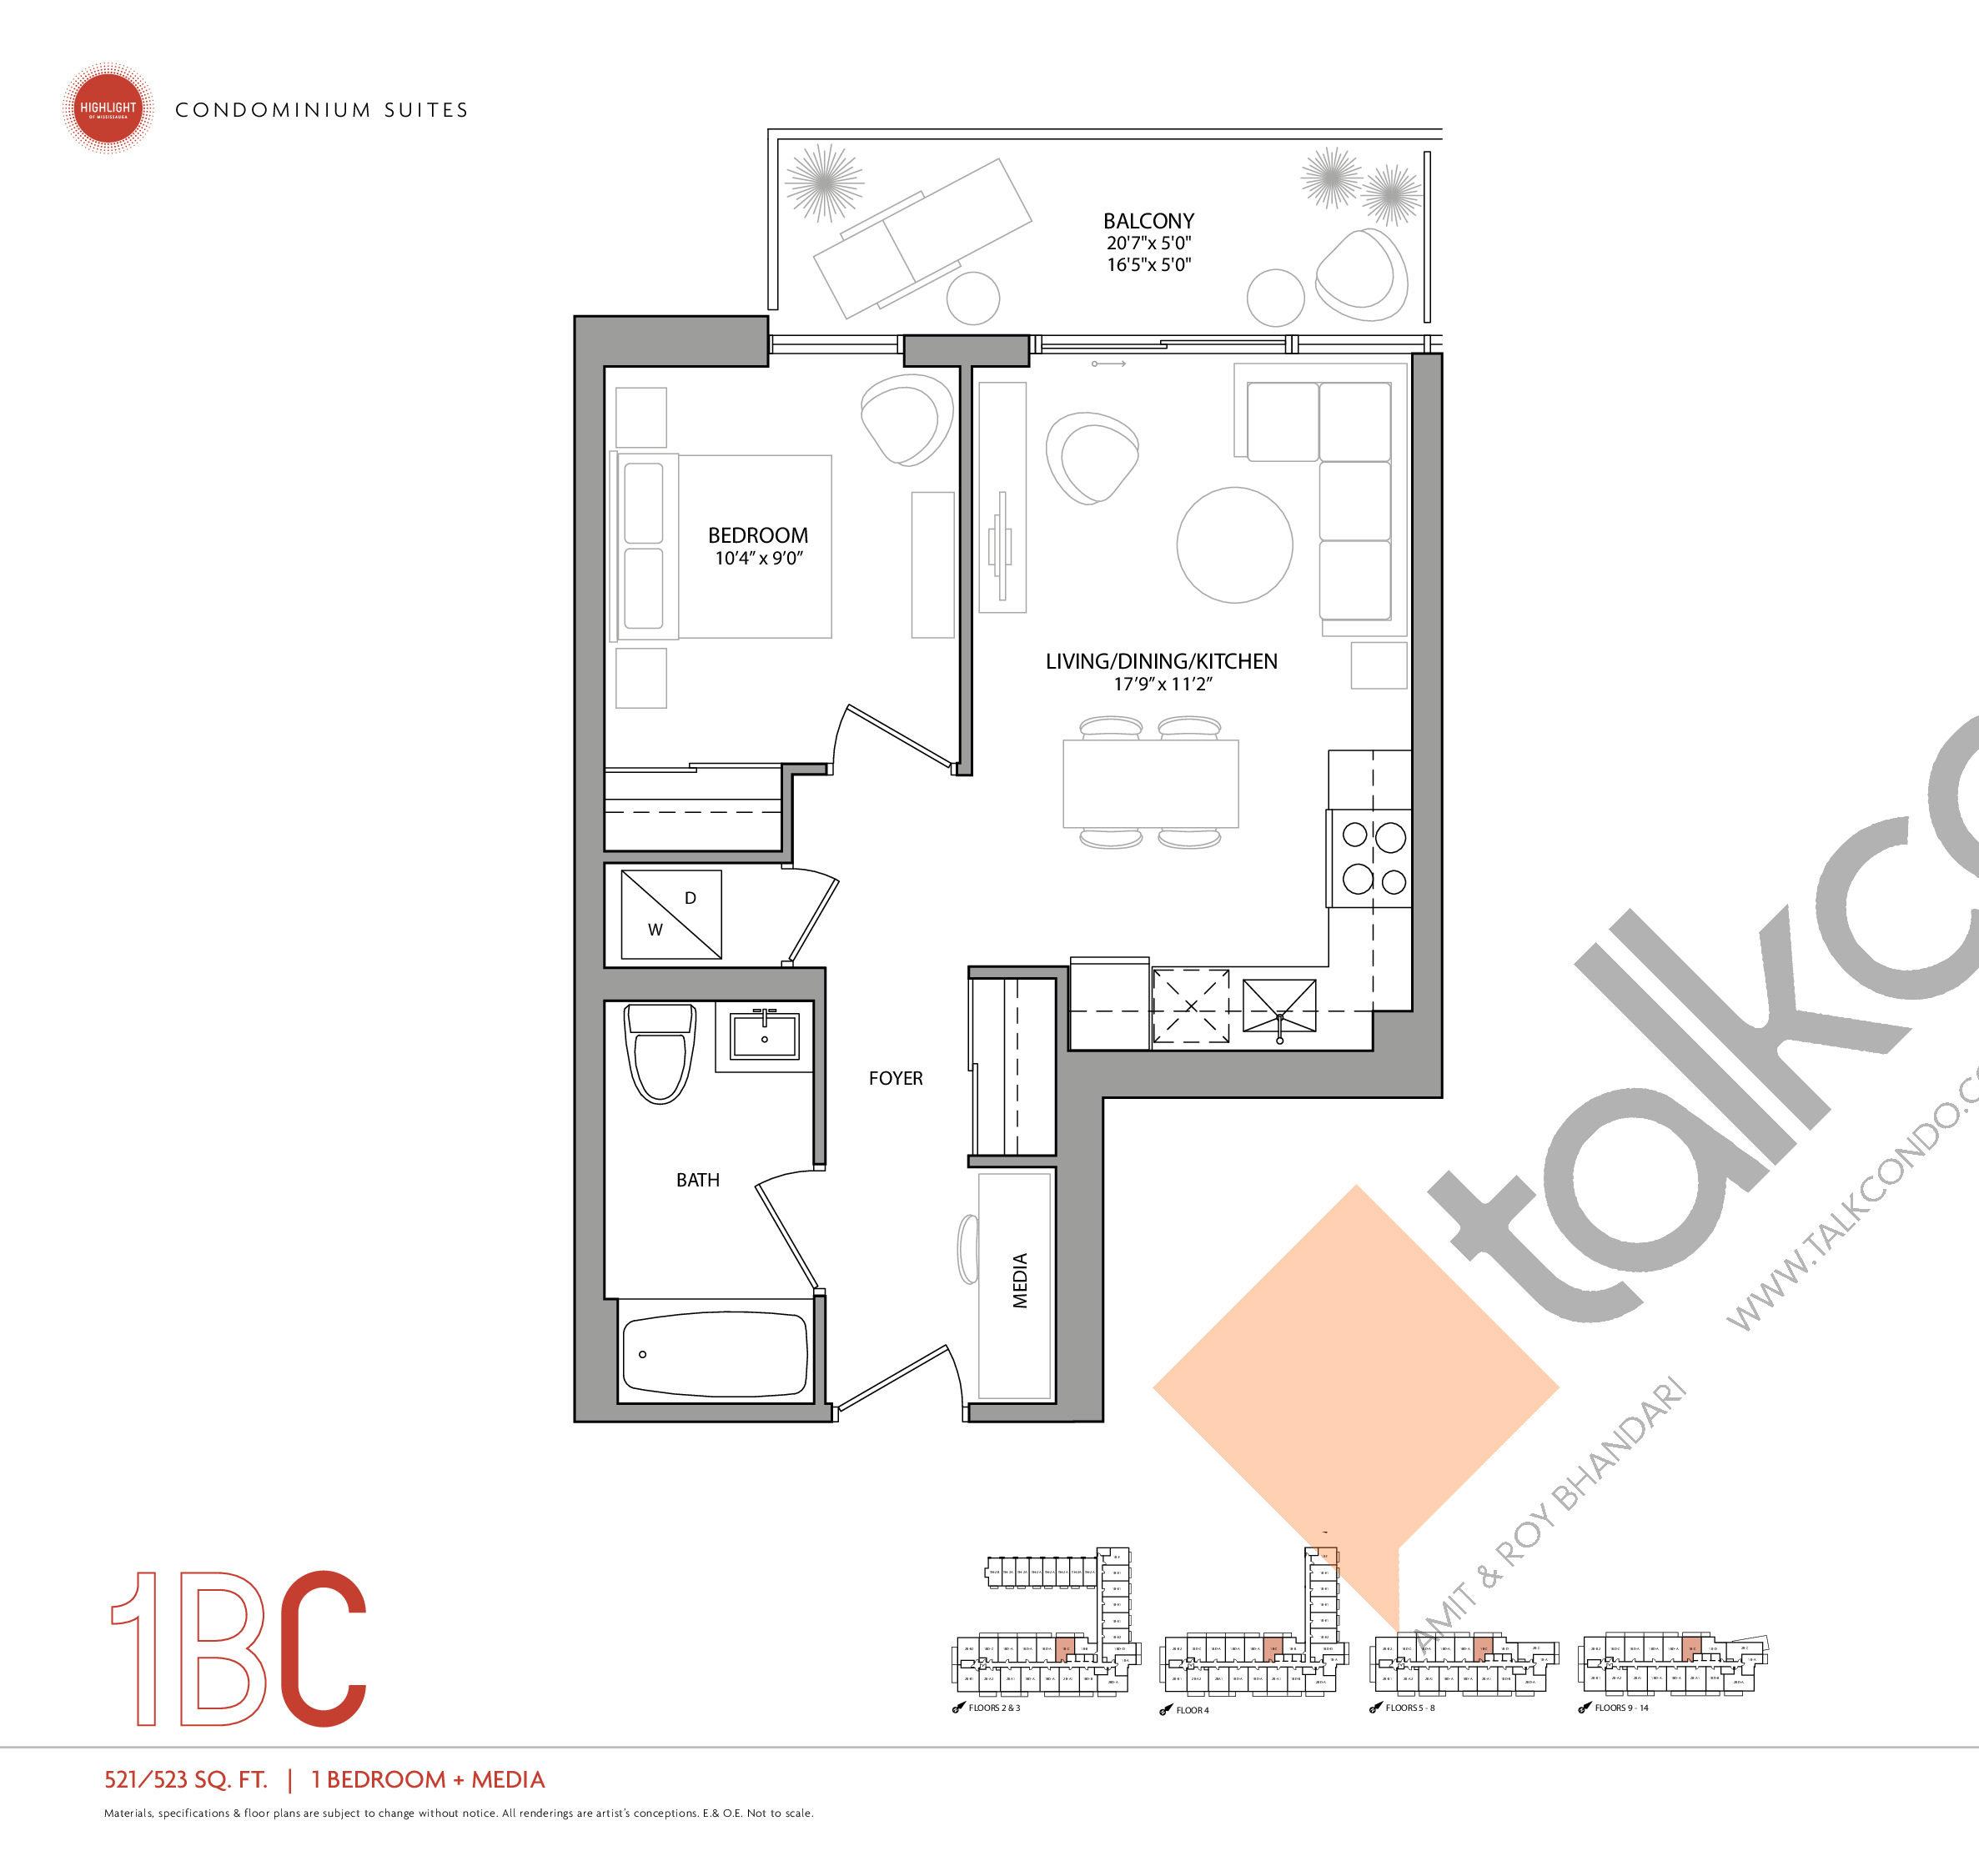 1BC Floor Plan at Highlight Condos and Towns - 523 sq.ft